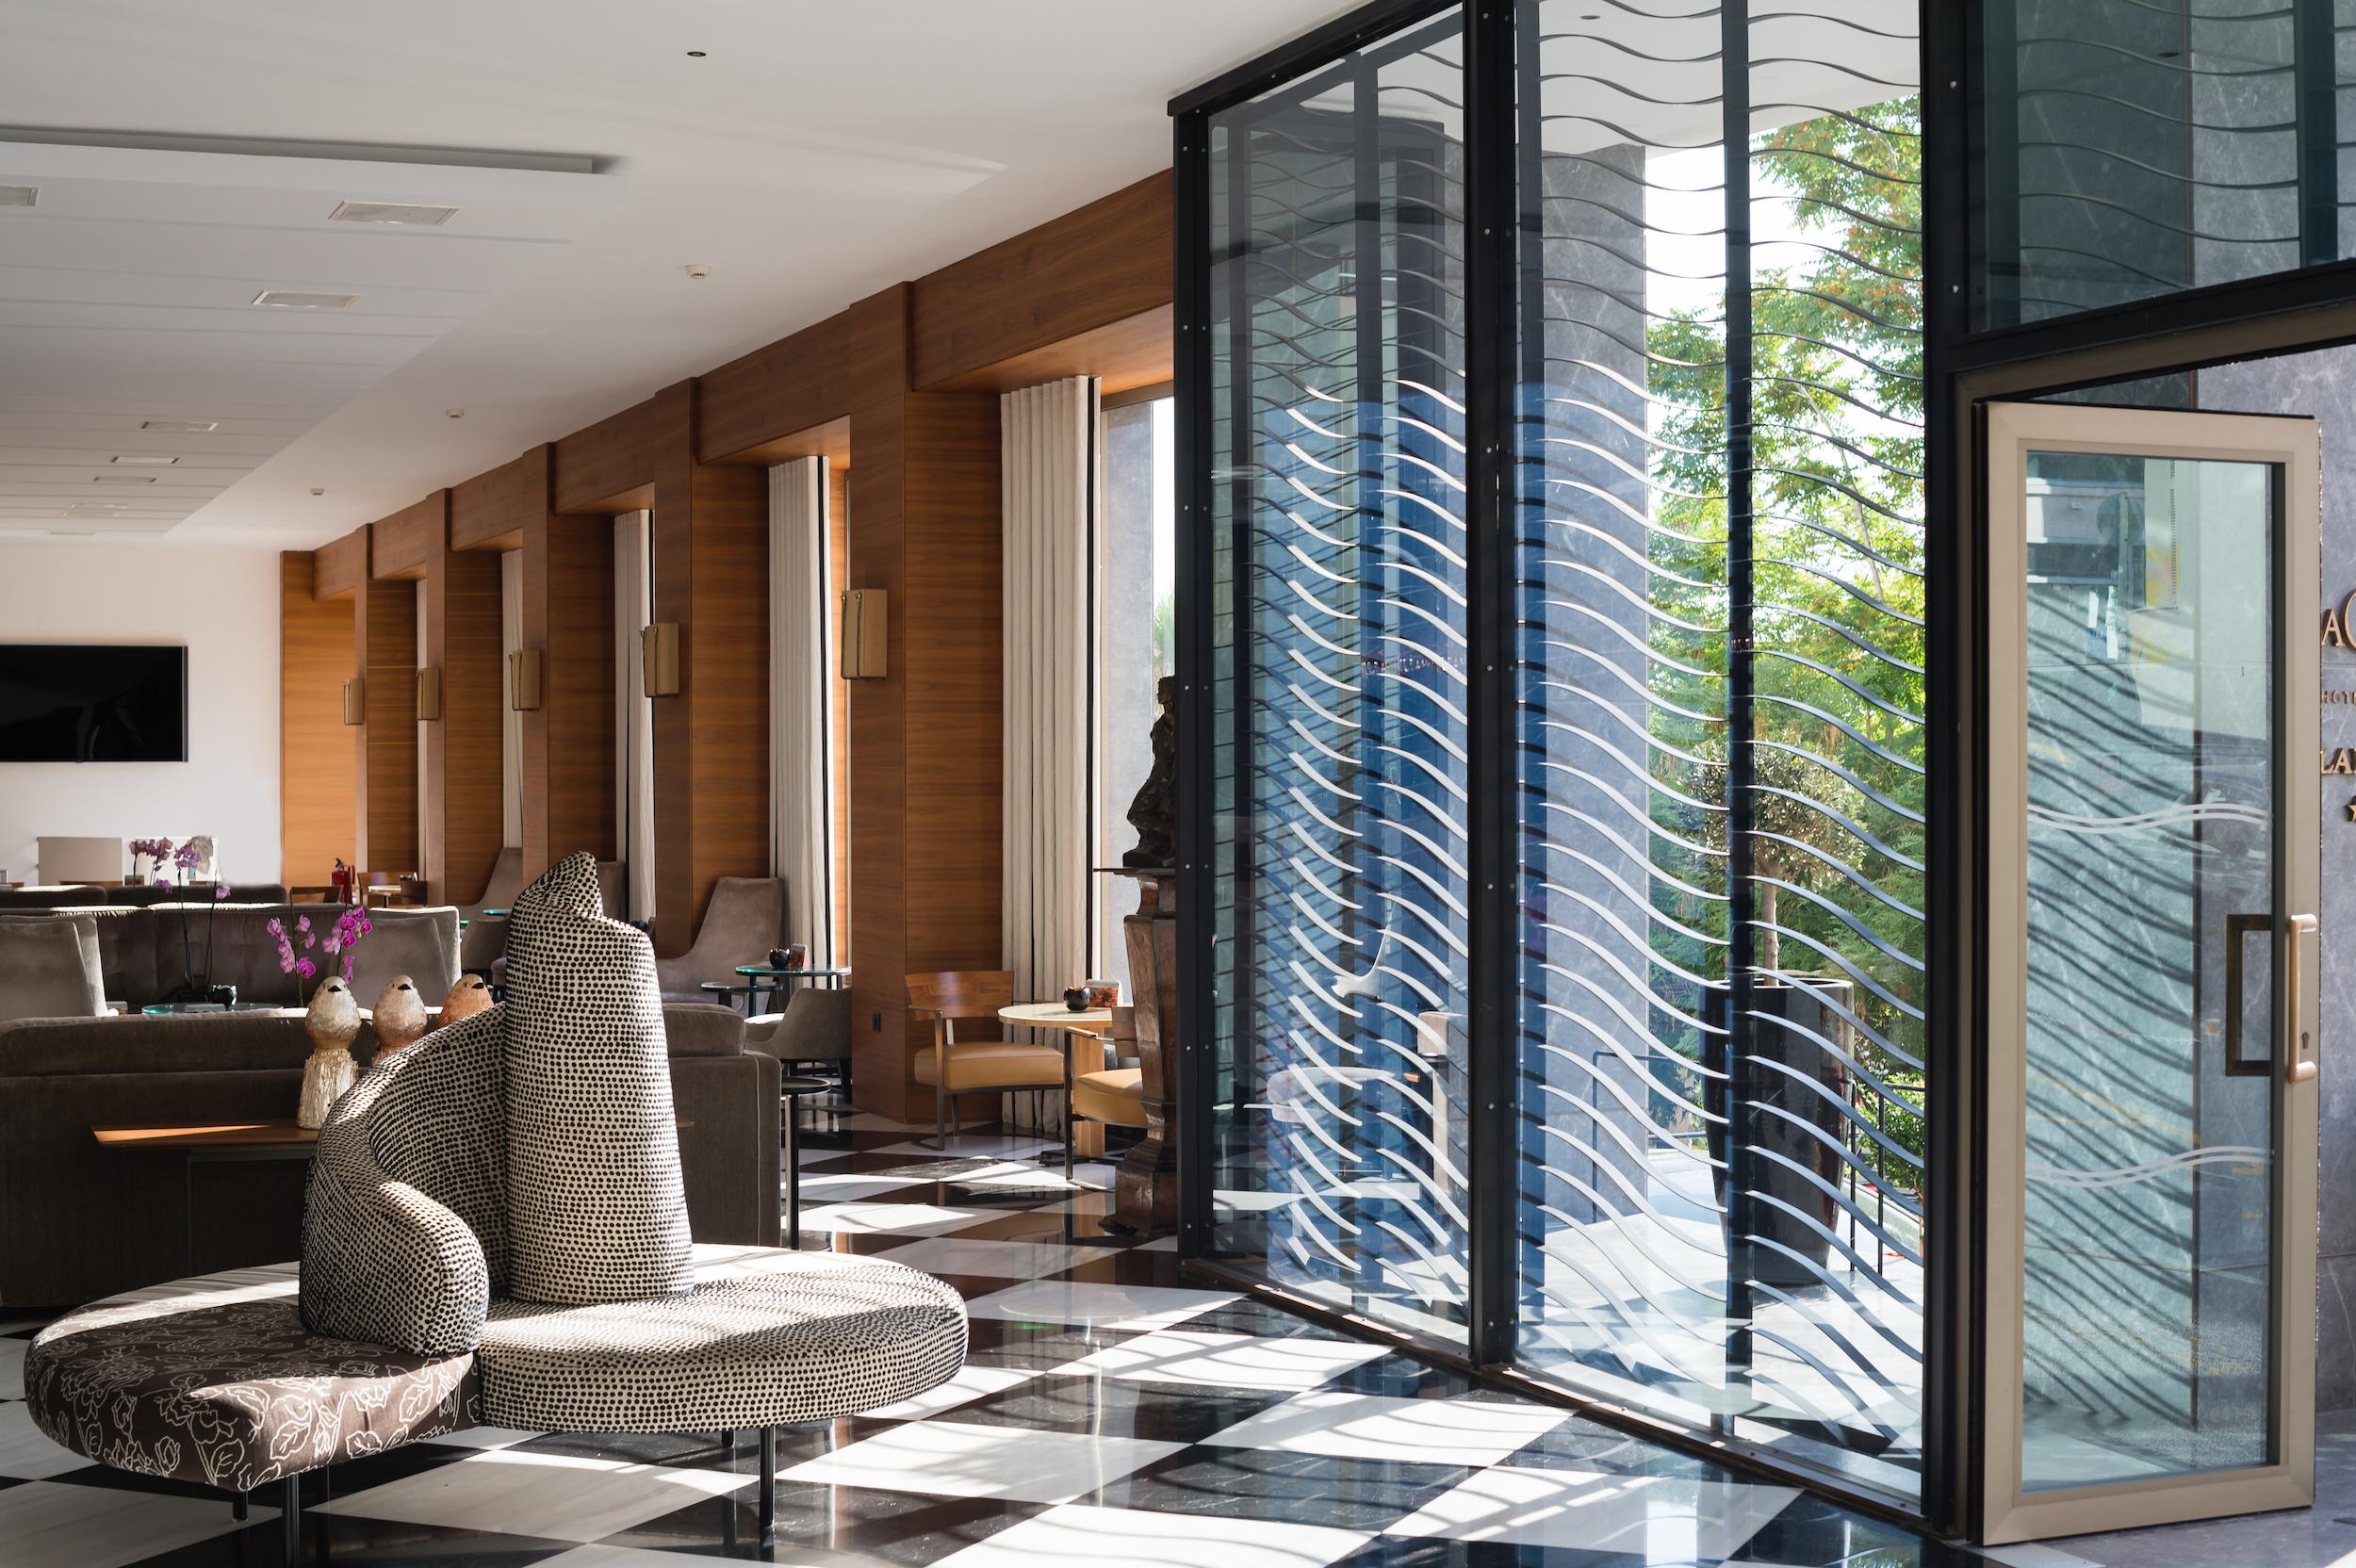 aquila atlantis hotel - lobby area 8